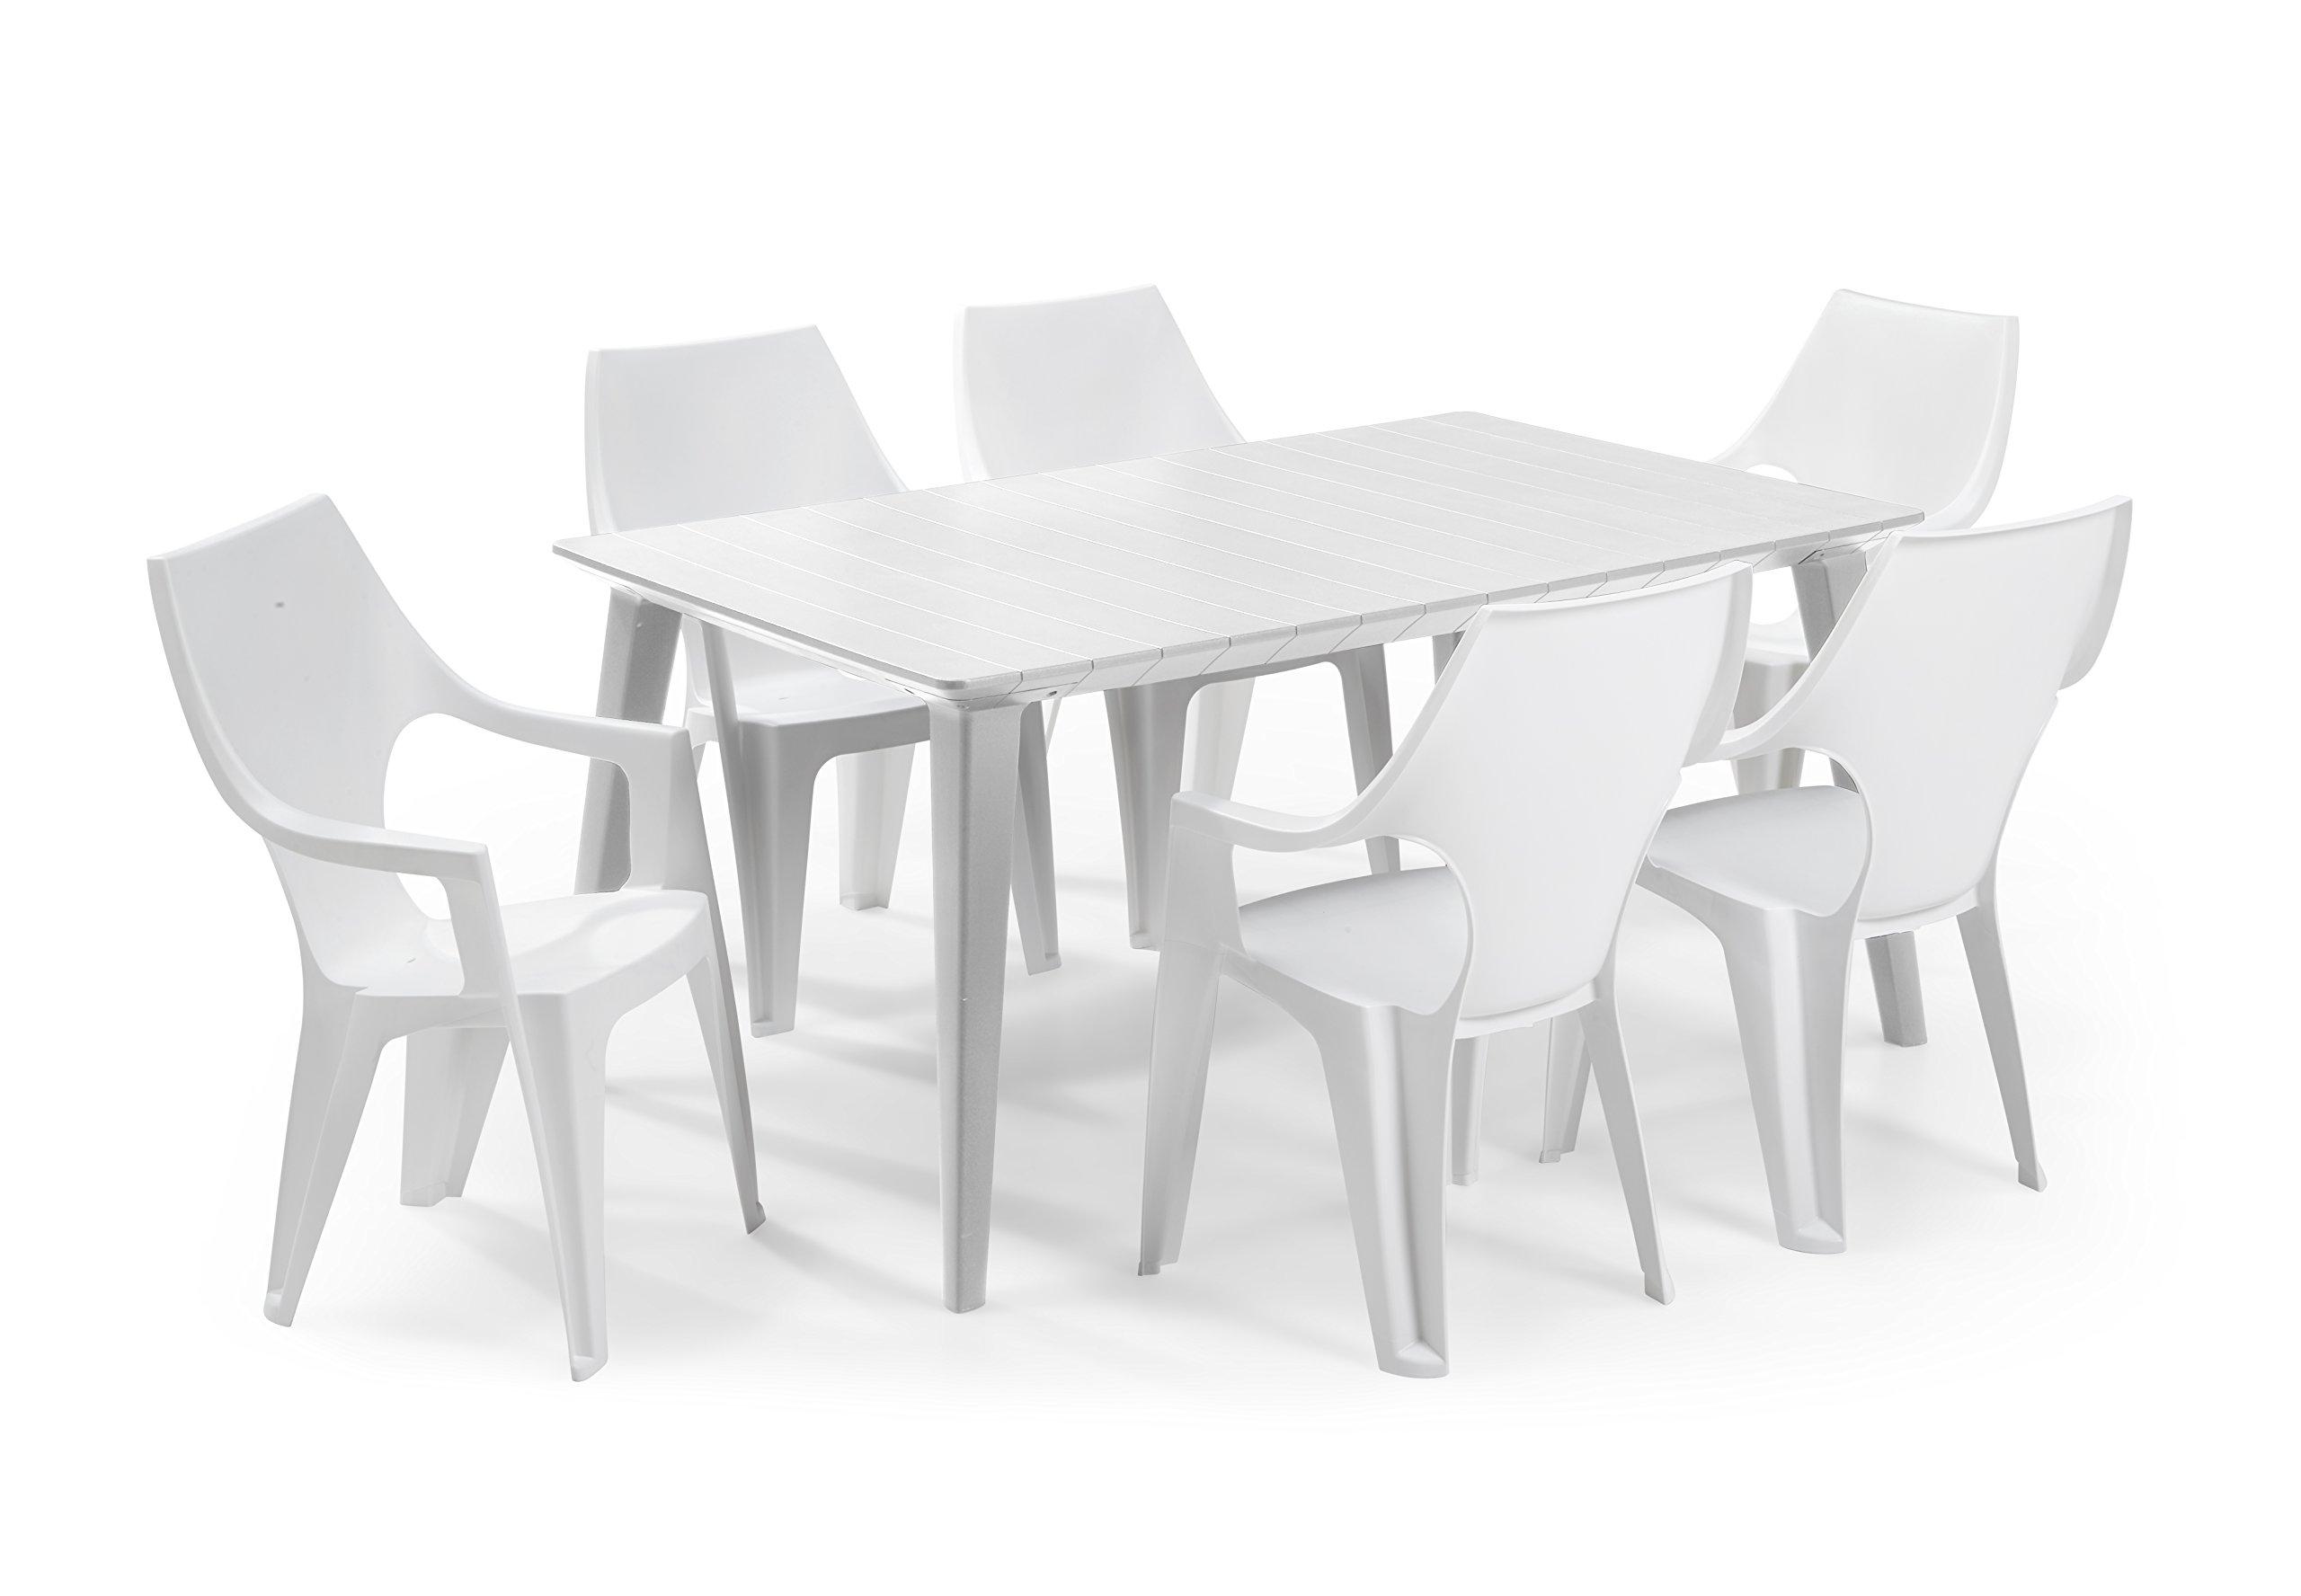 Keter - Set de mobiliario de jardín Lima/Dante (mesa + 6 sillas), color blanco: Amazon.es: Jardín